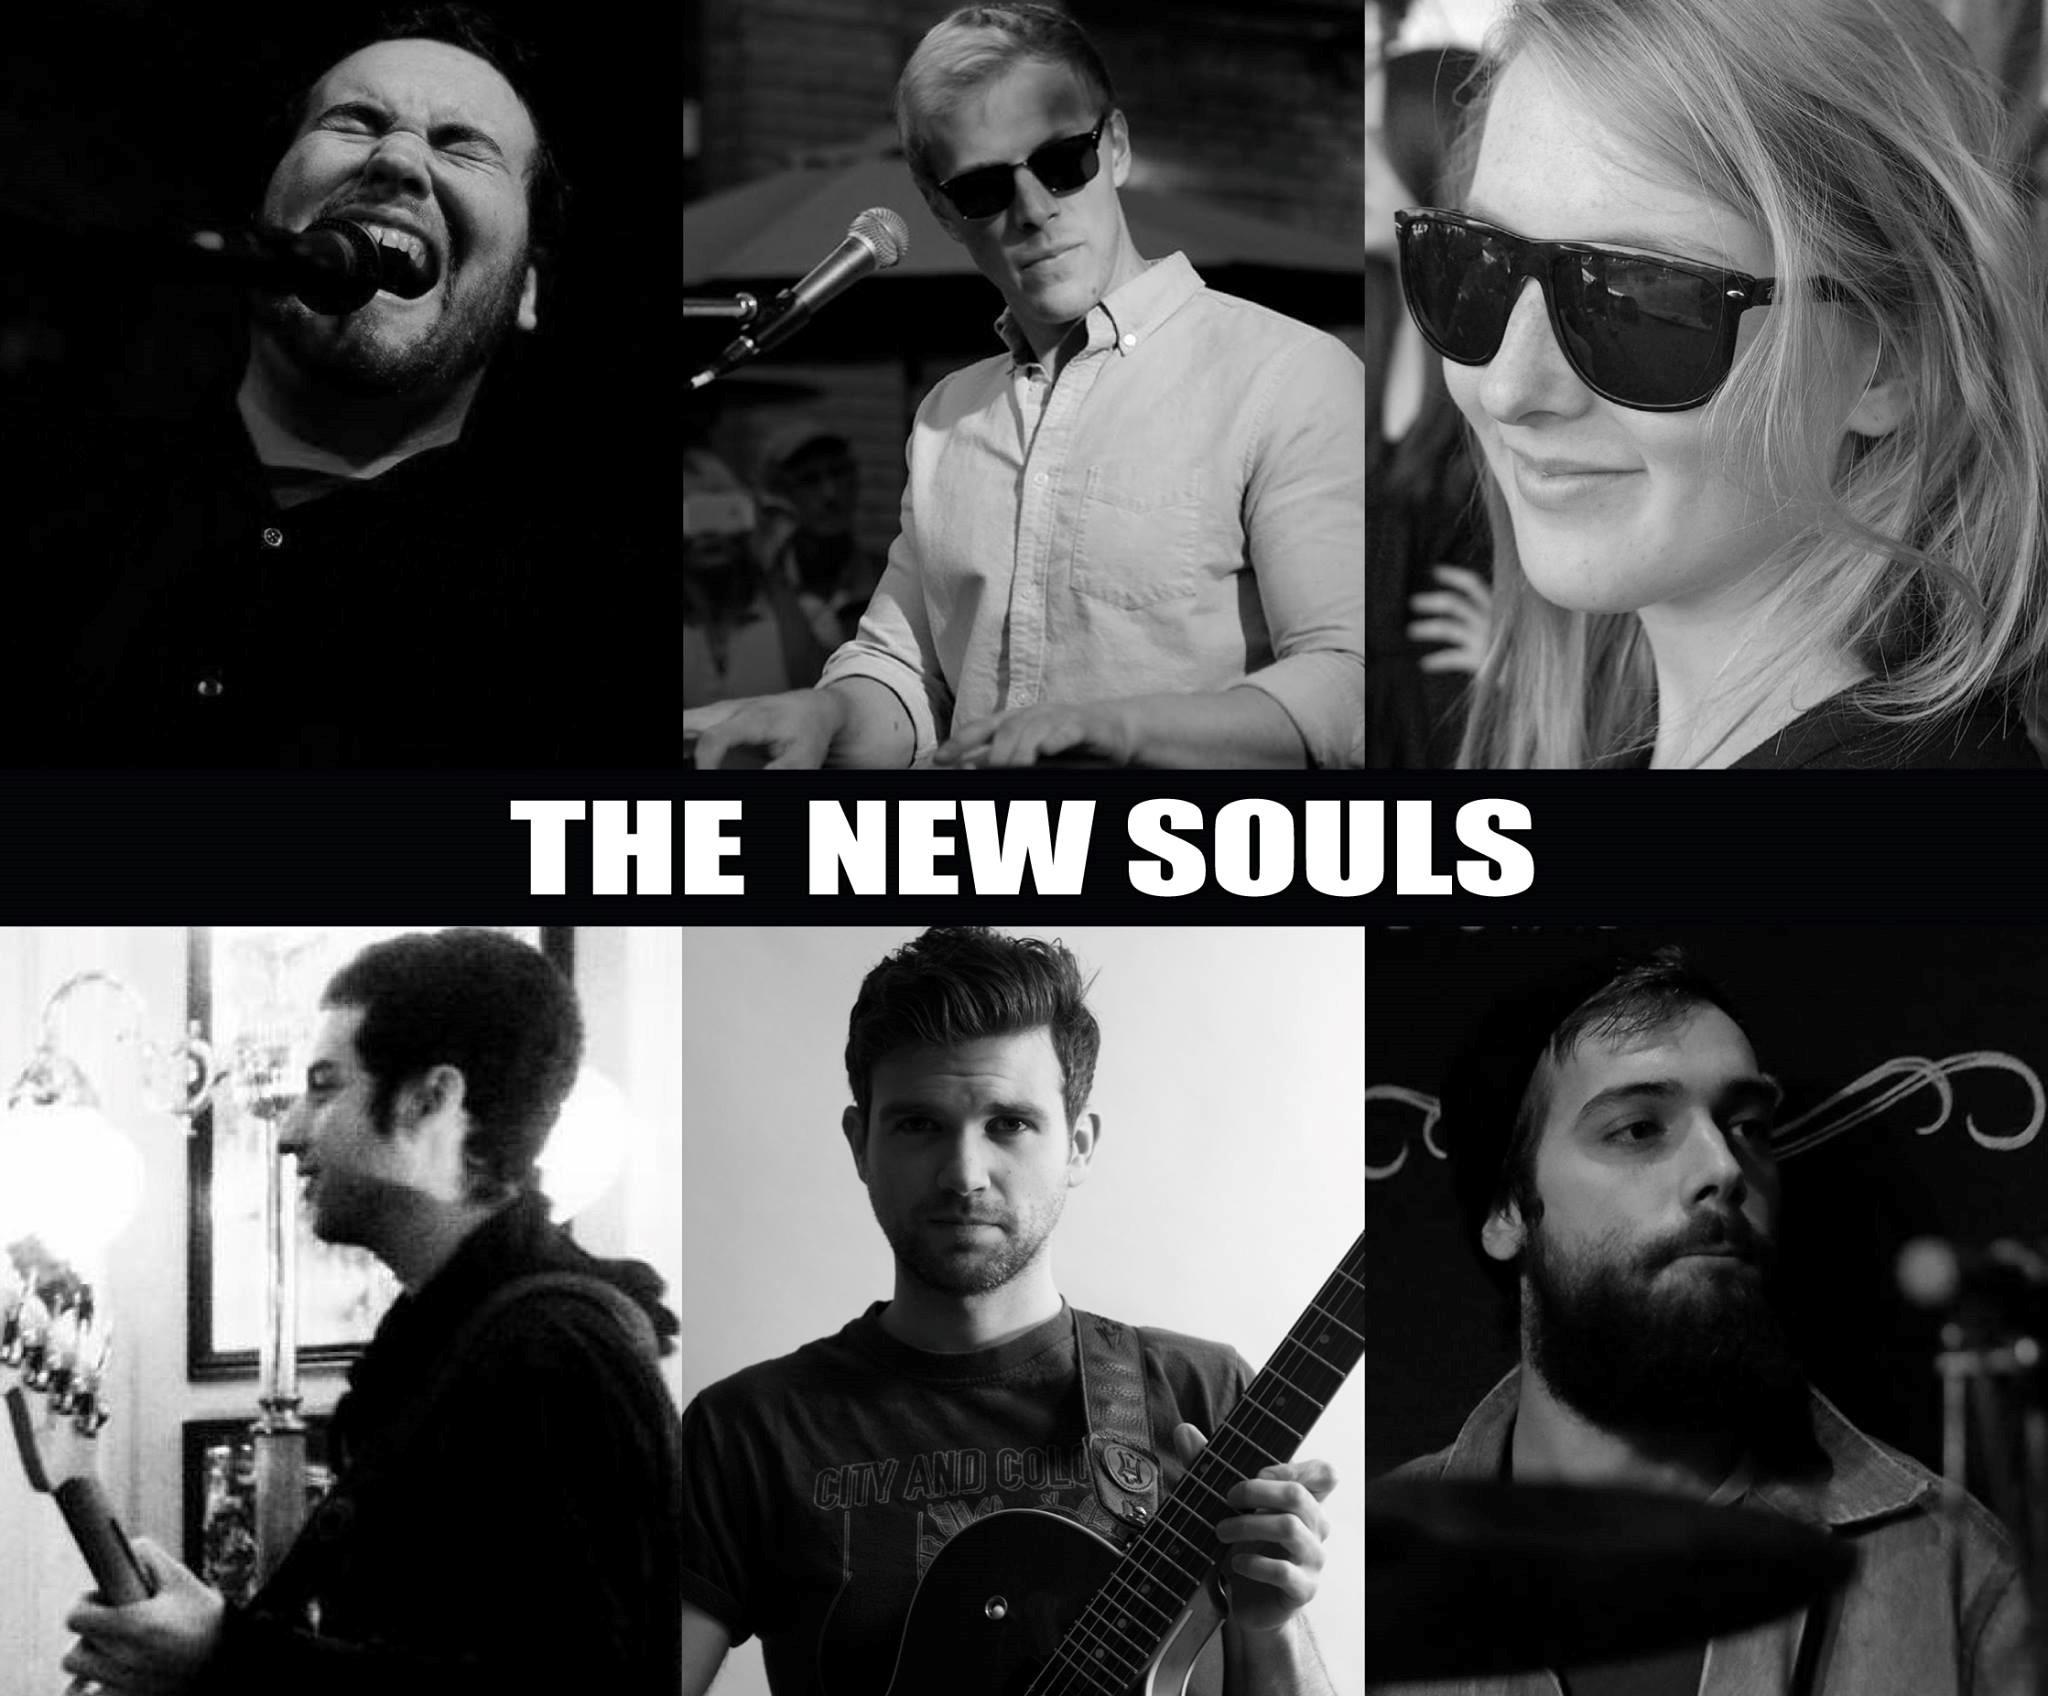 The New Souls